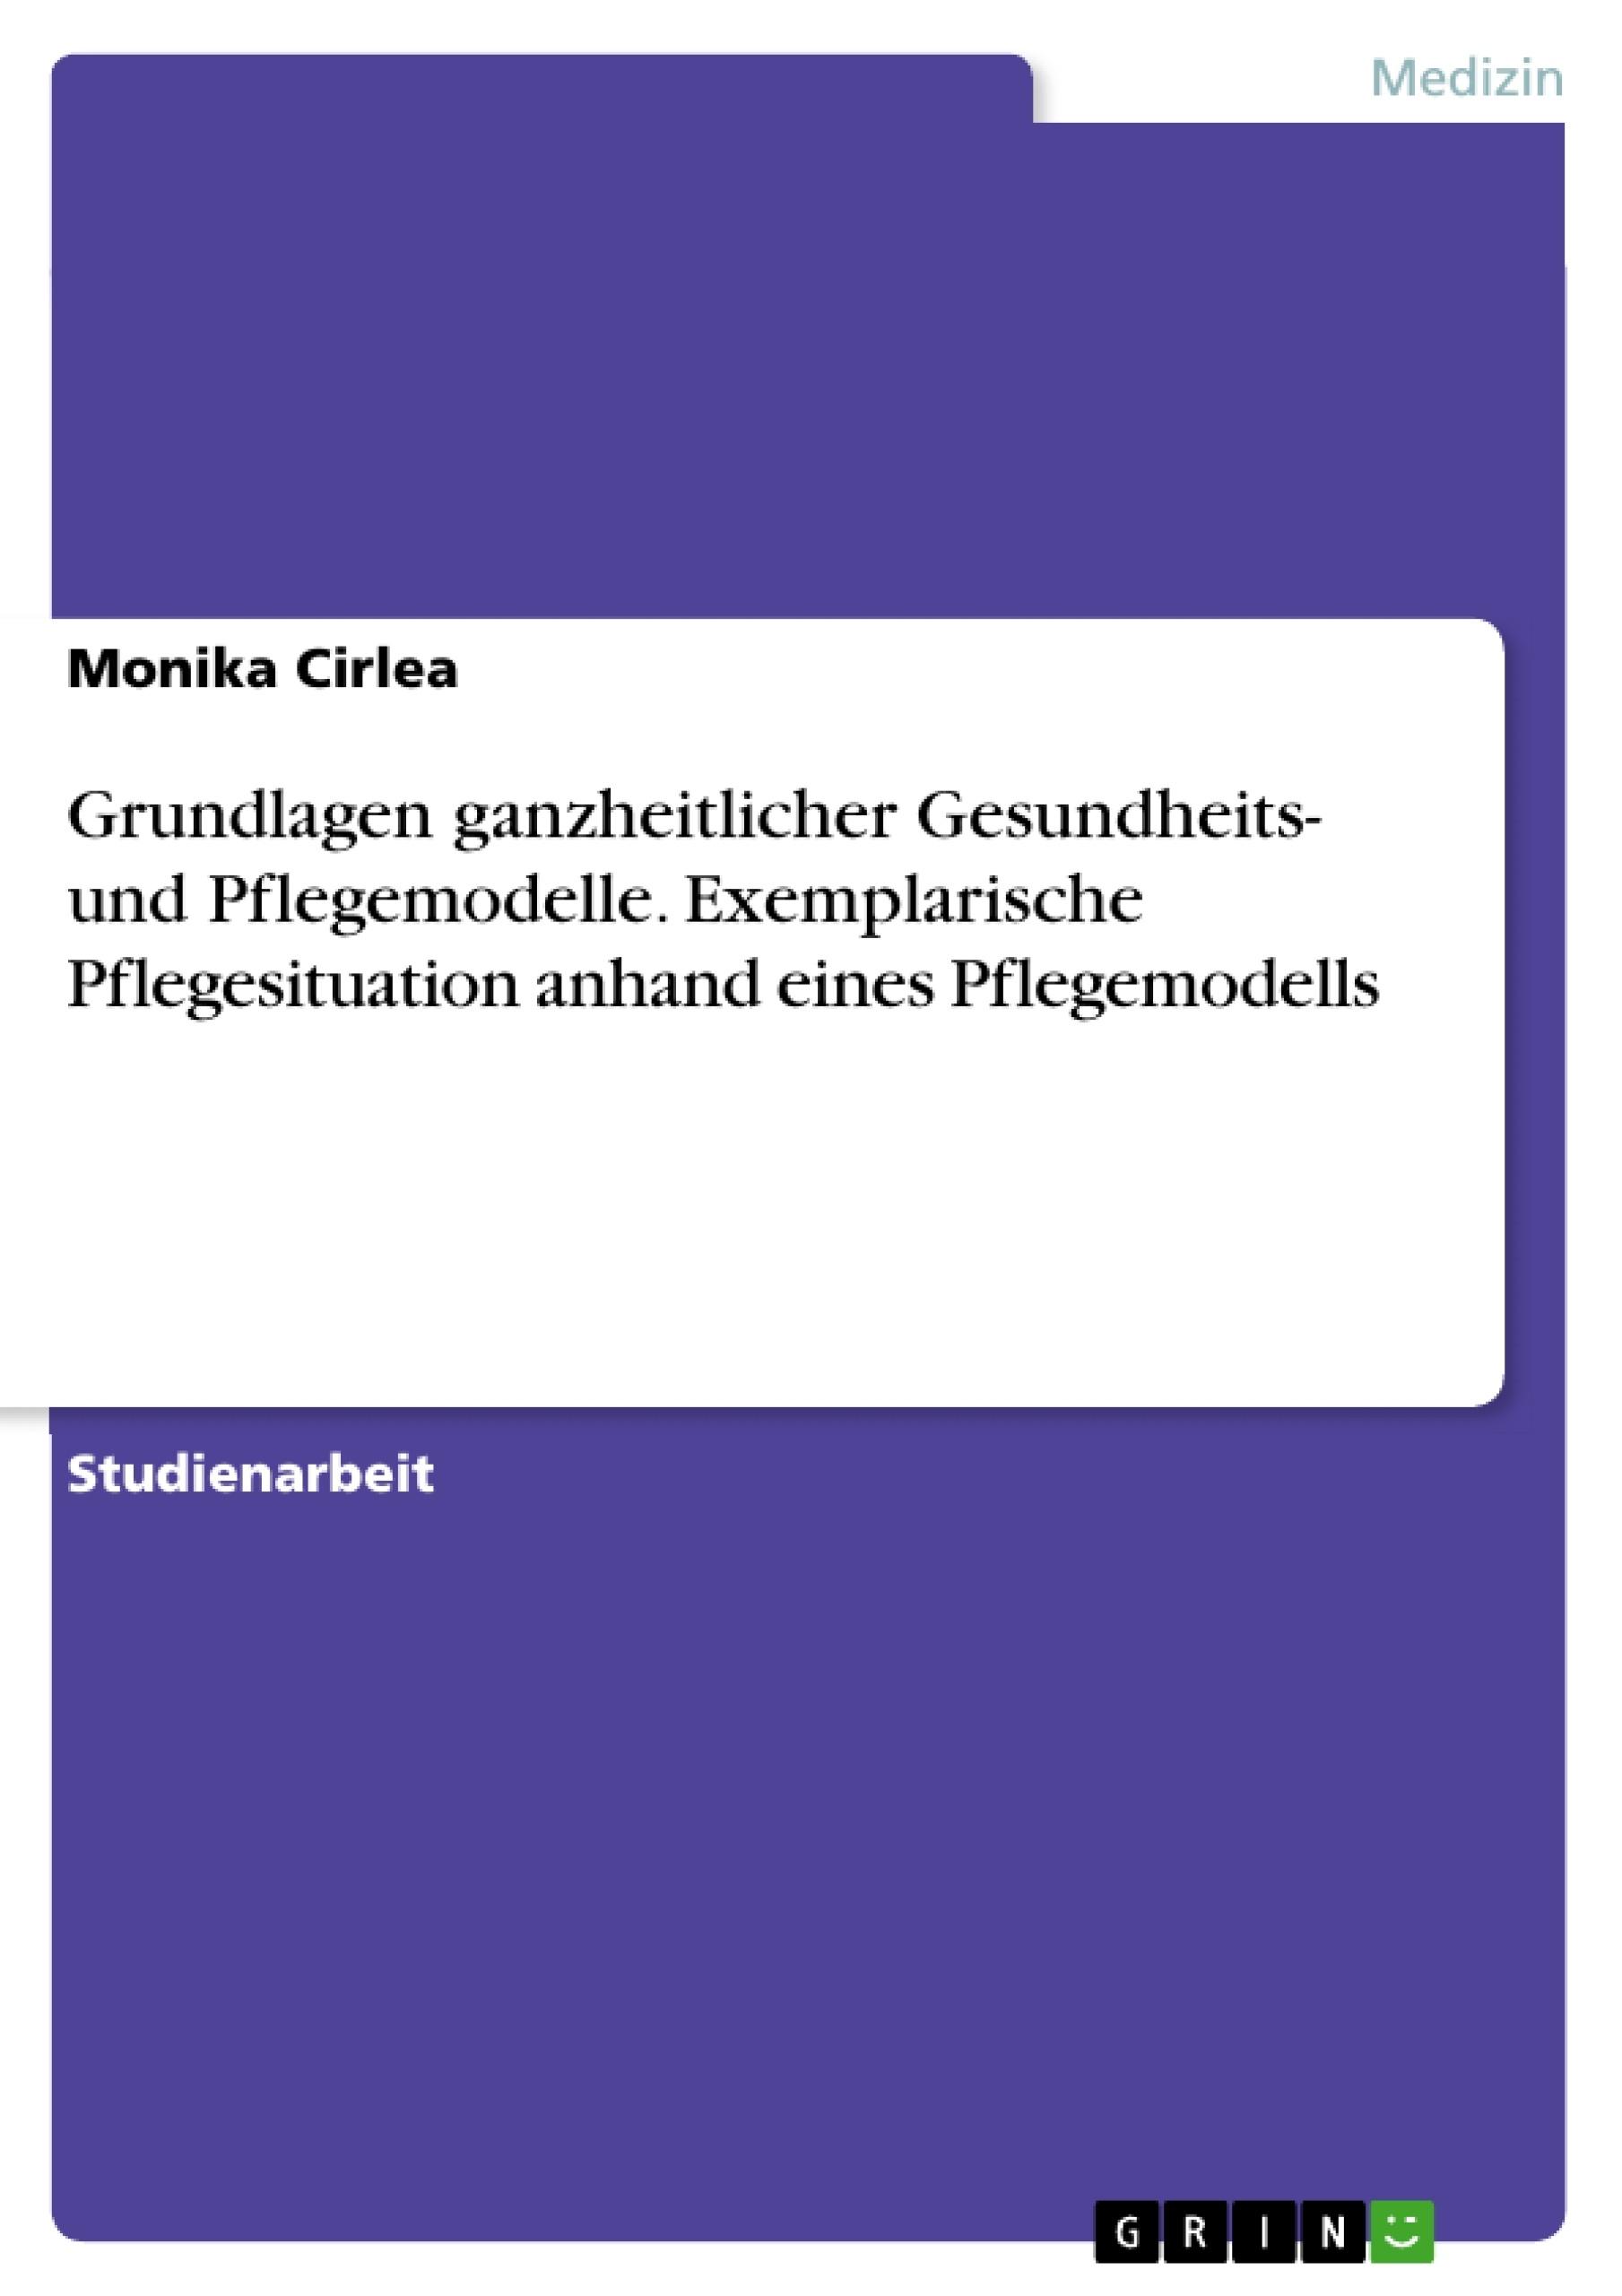 Titel: Grundlagen ganzheitlicher Gesundheits- und Pflegemodelle. Exemplarische Pflegesituation anhand eines Pflegemodells